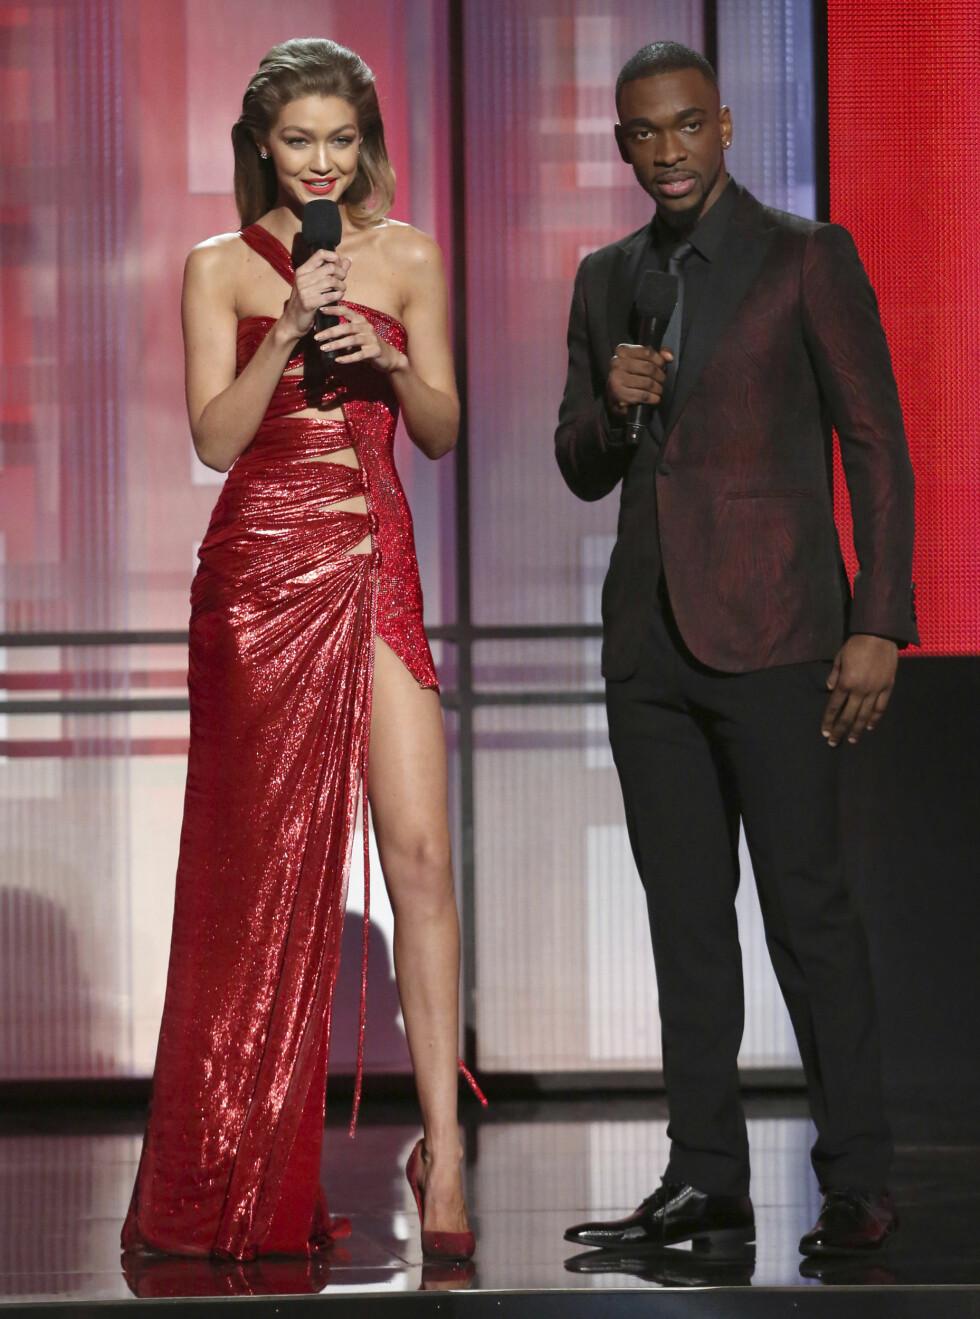 KVELDENS VERTER: Jay Pharoah fra Saturday Night Live og supermodell Gigi Hadid var årets verter under American Music Awards. Foto: Ap